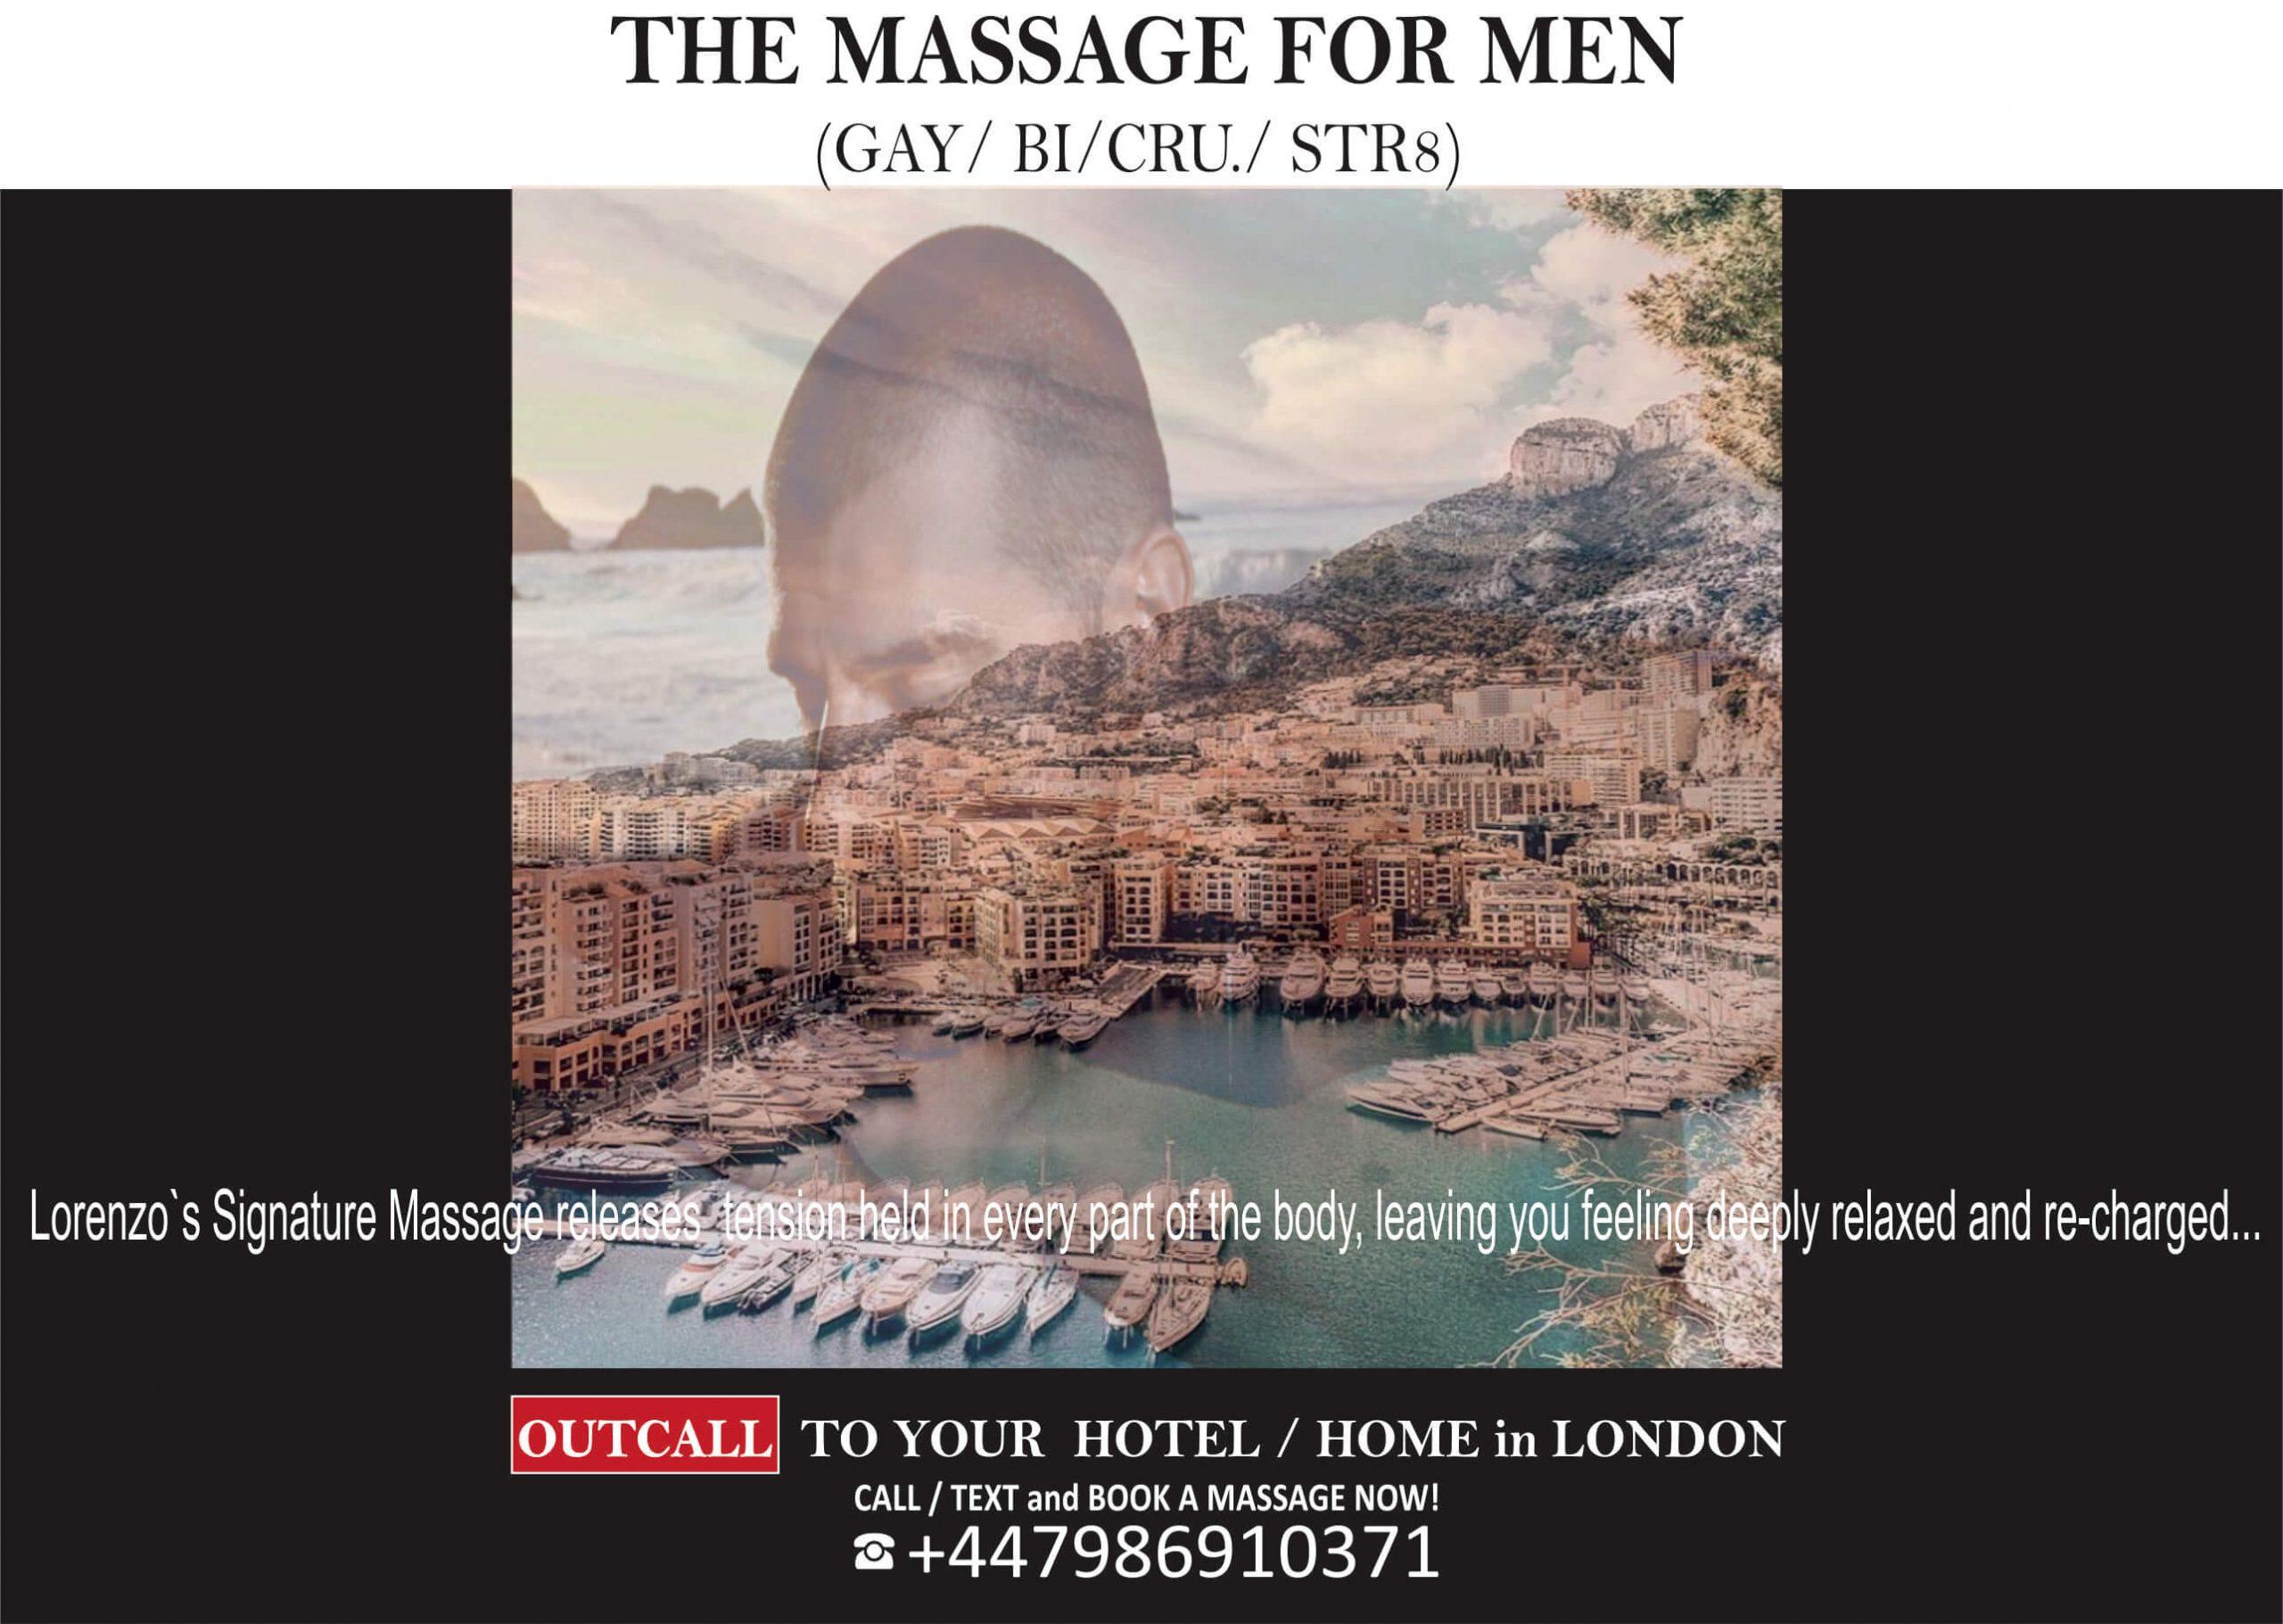 male massage london gay massage london male massage gay massage male to male massage best male massage full body massage male urban massage massage london male massage (14)